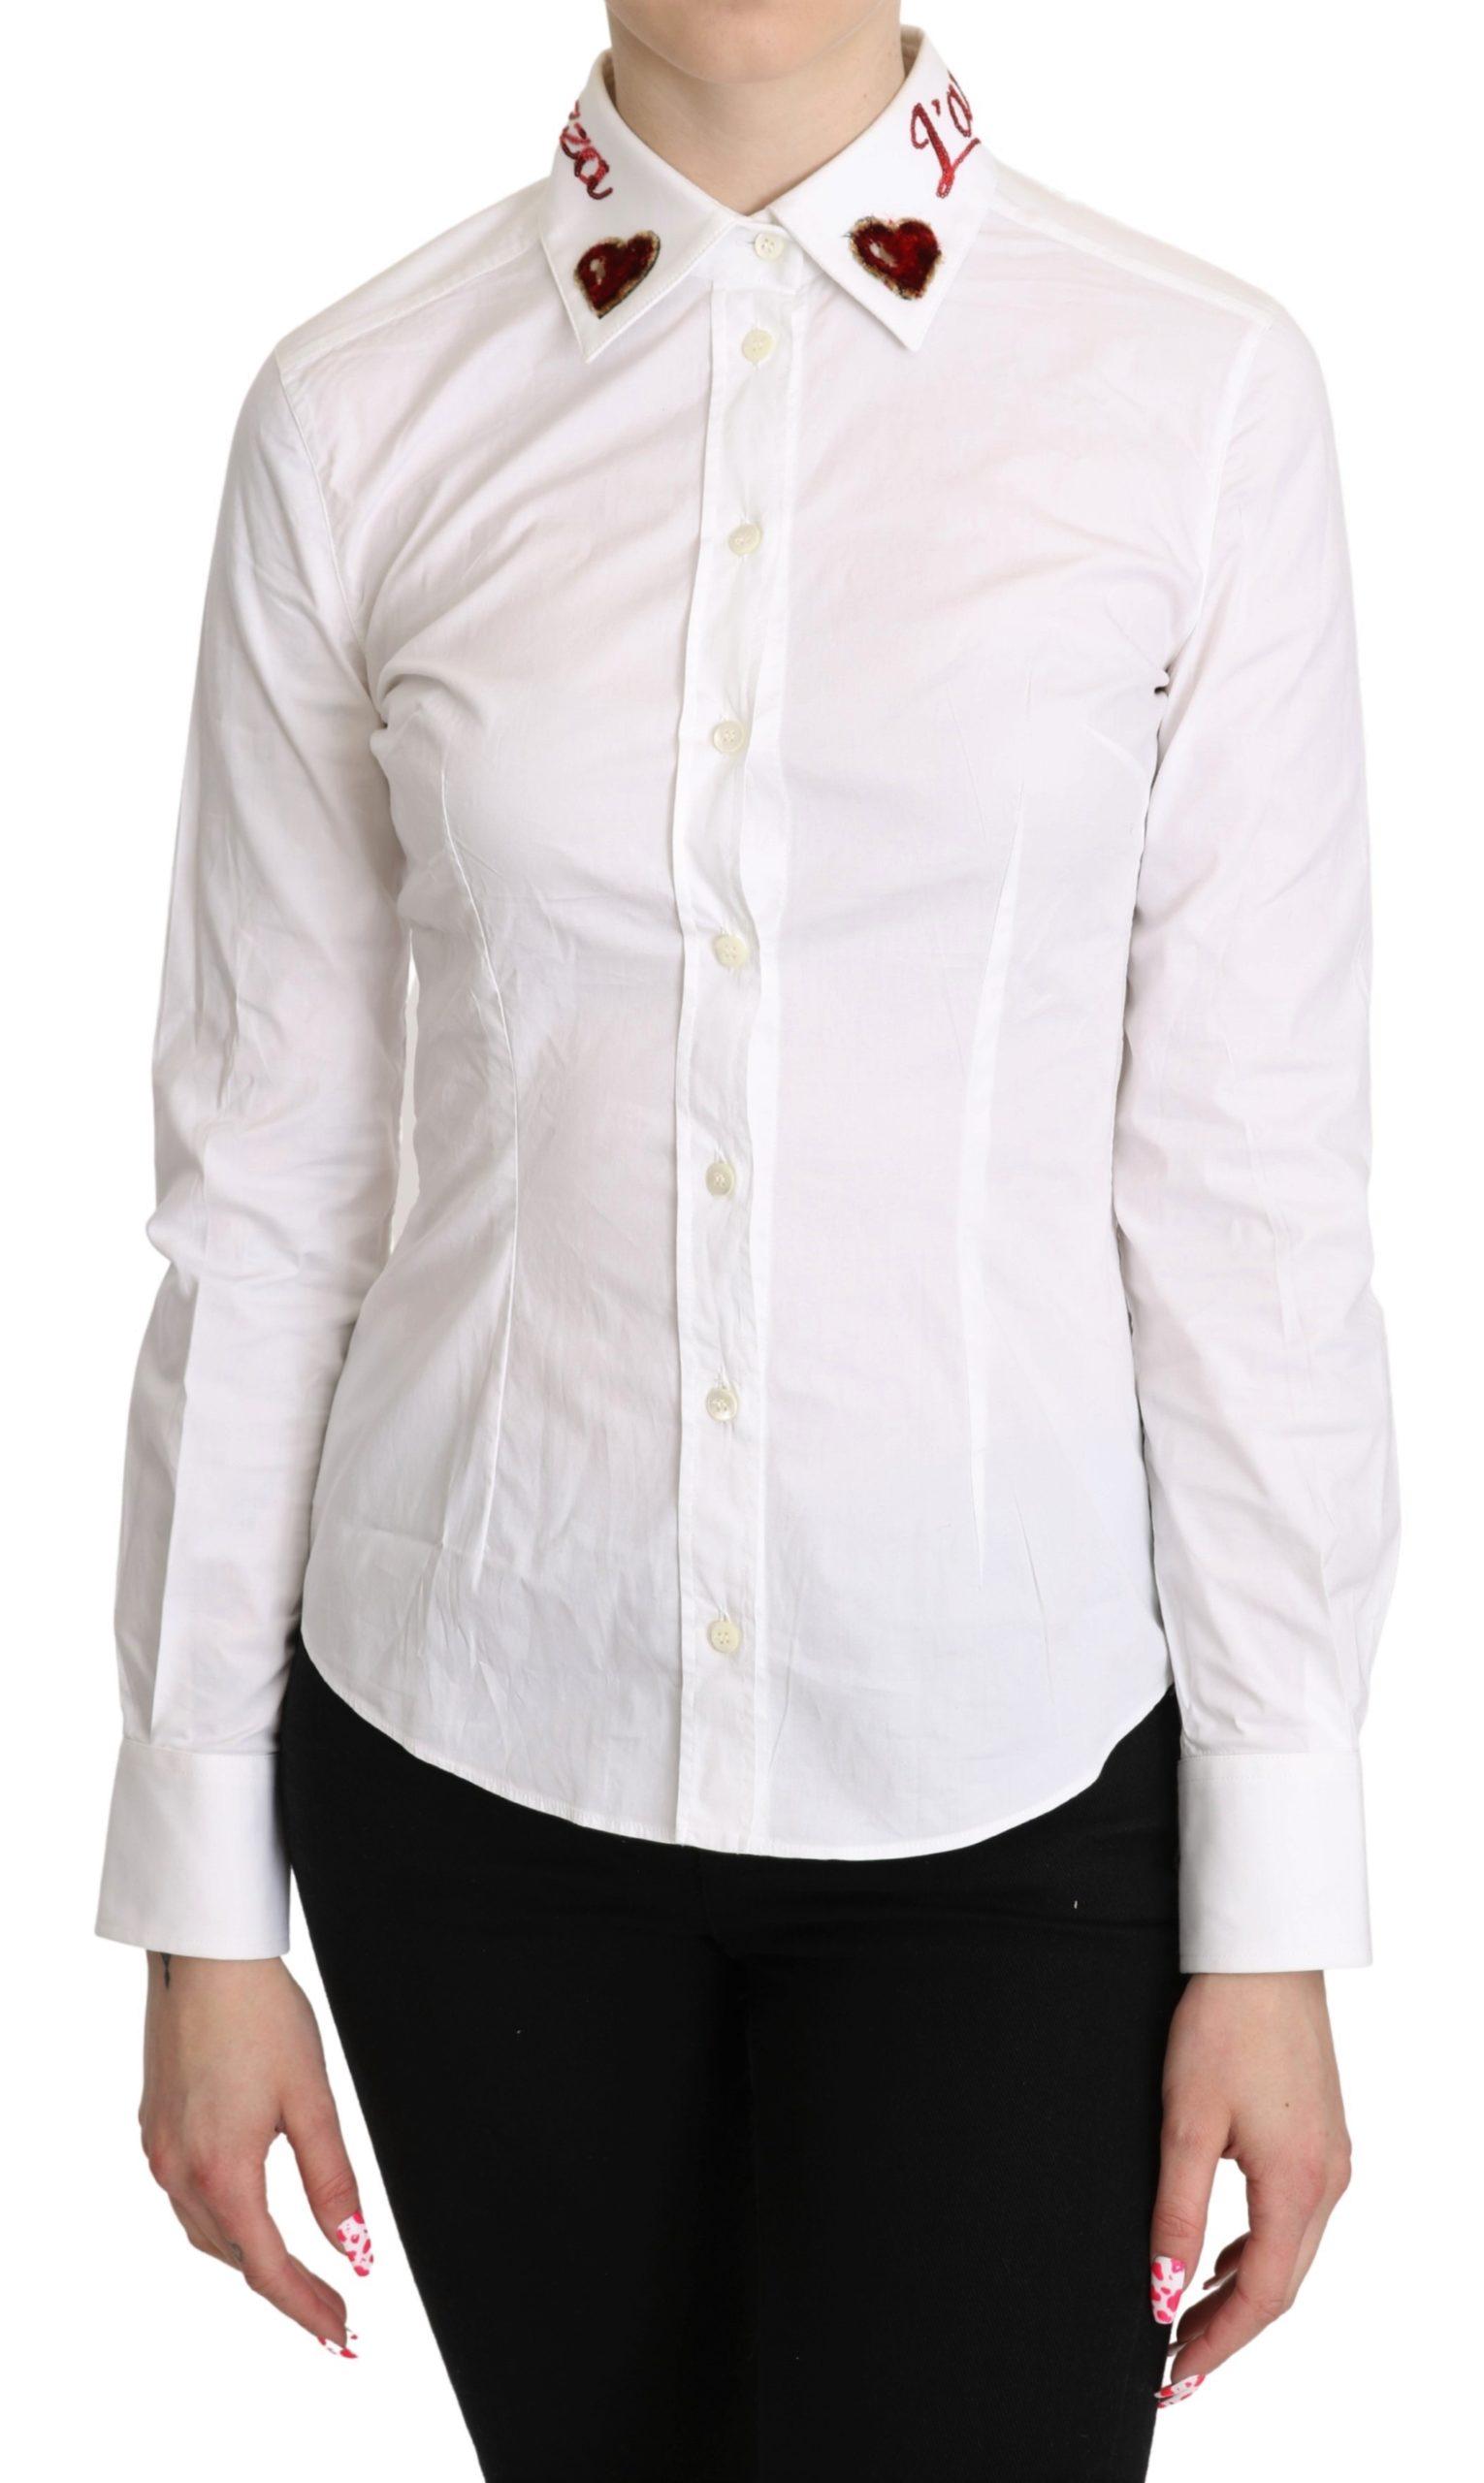 Dolce & Gabbana Women's L'Amore E'Bellazza Top White TSH5268 - IT40|S